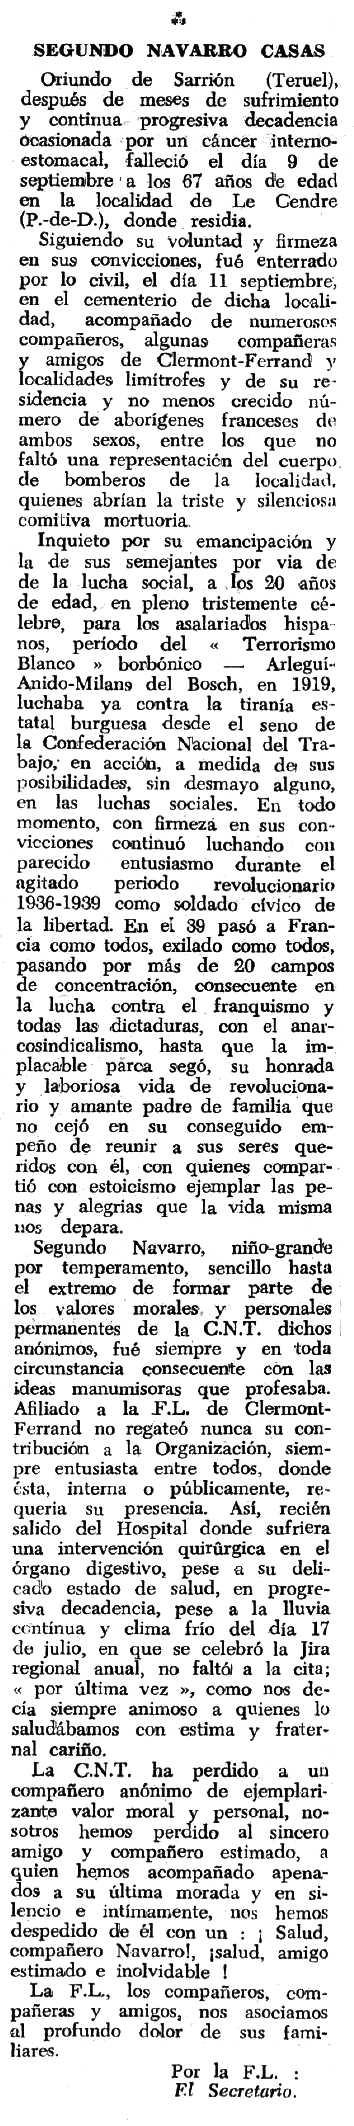 """Necrològica de Segundo Navarro Casas apareguda en el periòdic tolosà """"Espoir"""" del 18 de desembre de 1966"""